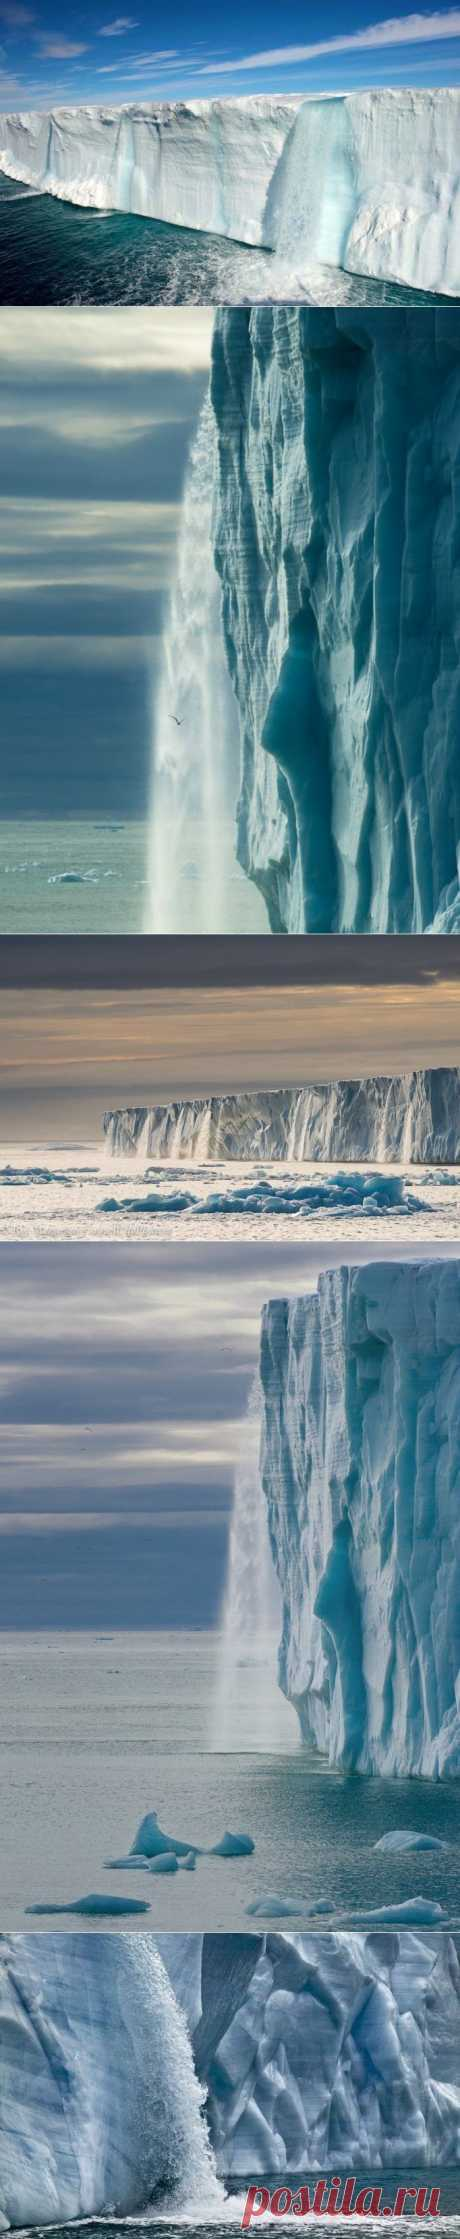 Ледниковые водопады, архипелаг Шпицберген (Свальбард)